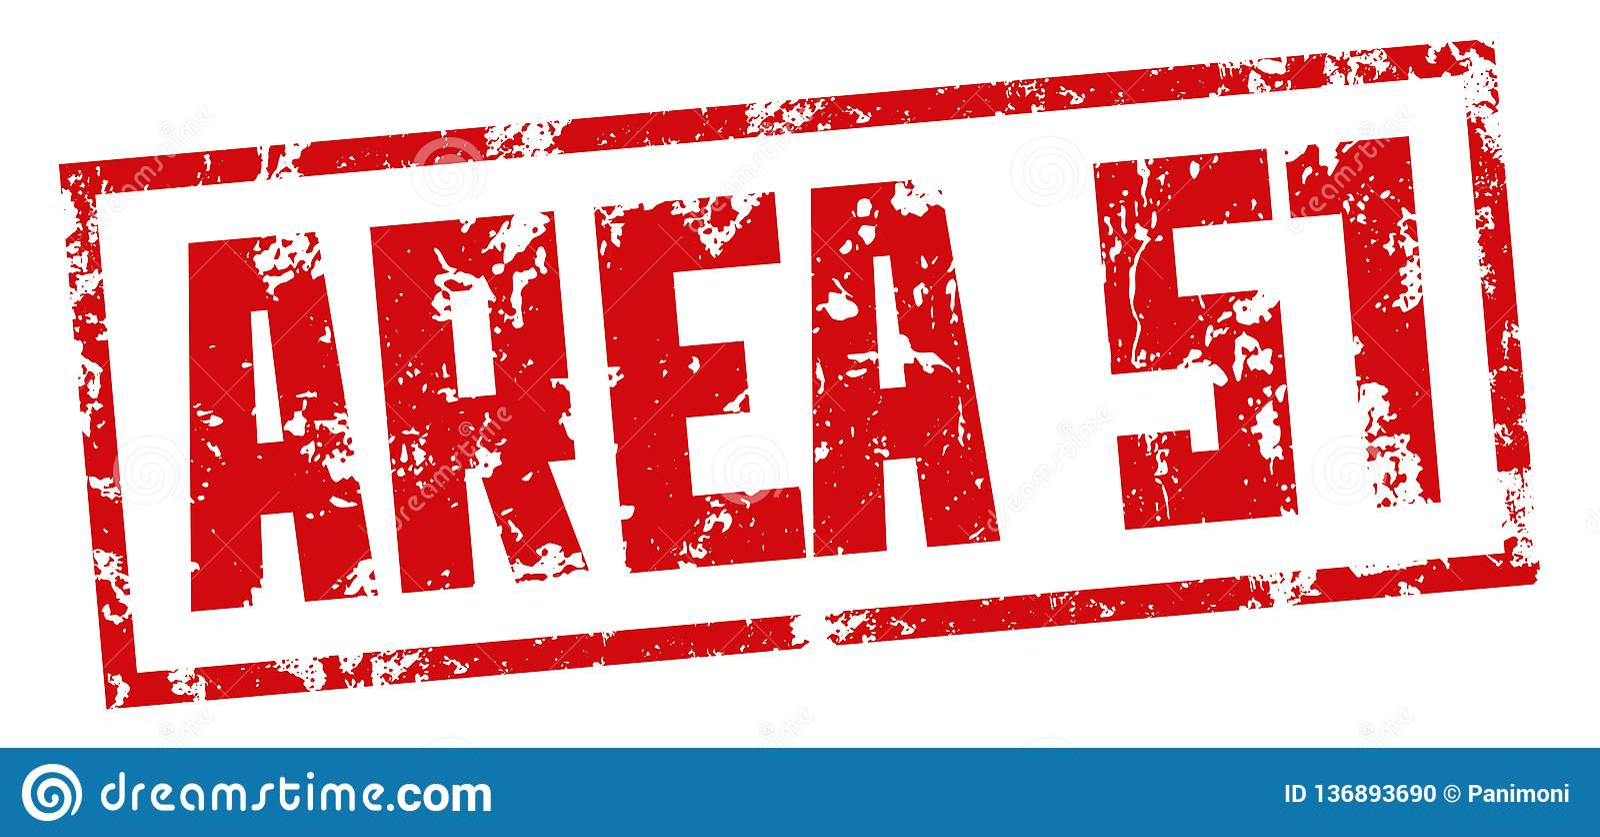 Μυστική βάση γραμματοσήμων ΠΕΡΙΟΧΗ 51 Κόκκινη τυπωμένη ύλη στο άσπρο υπόβαθρο eps σχεδίου 10 ανασκόπησης διάνυσμα τεχνολογίας